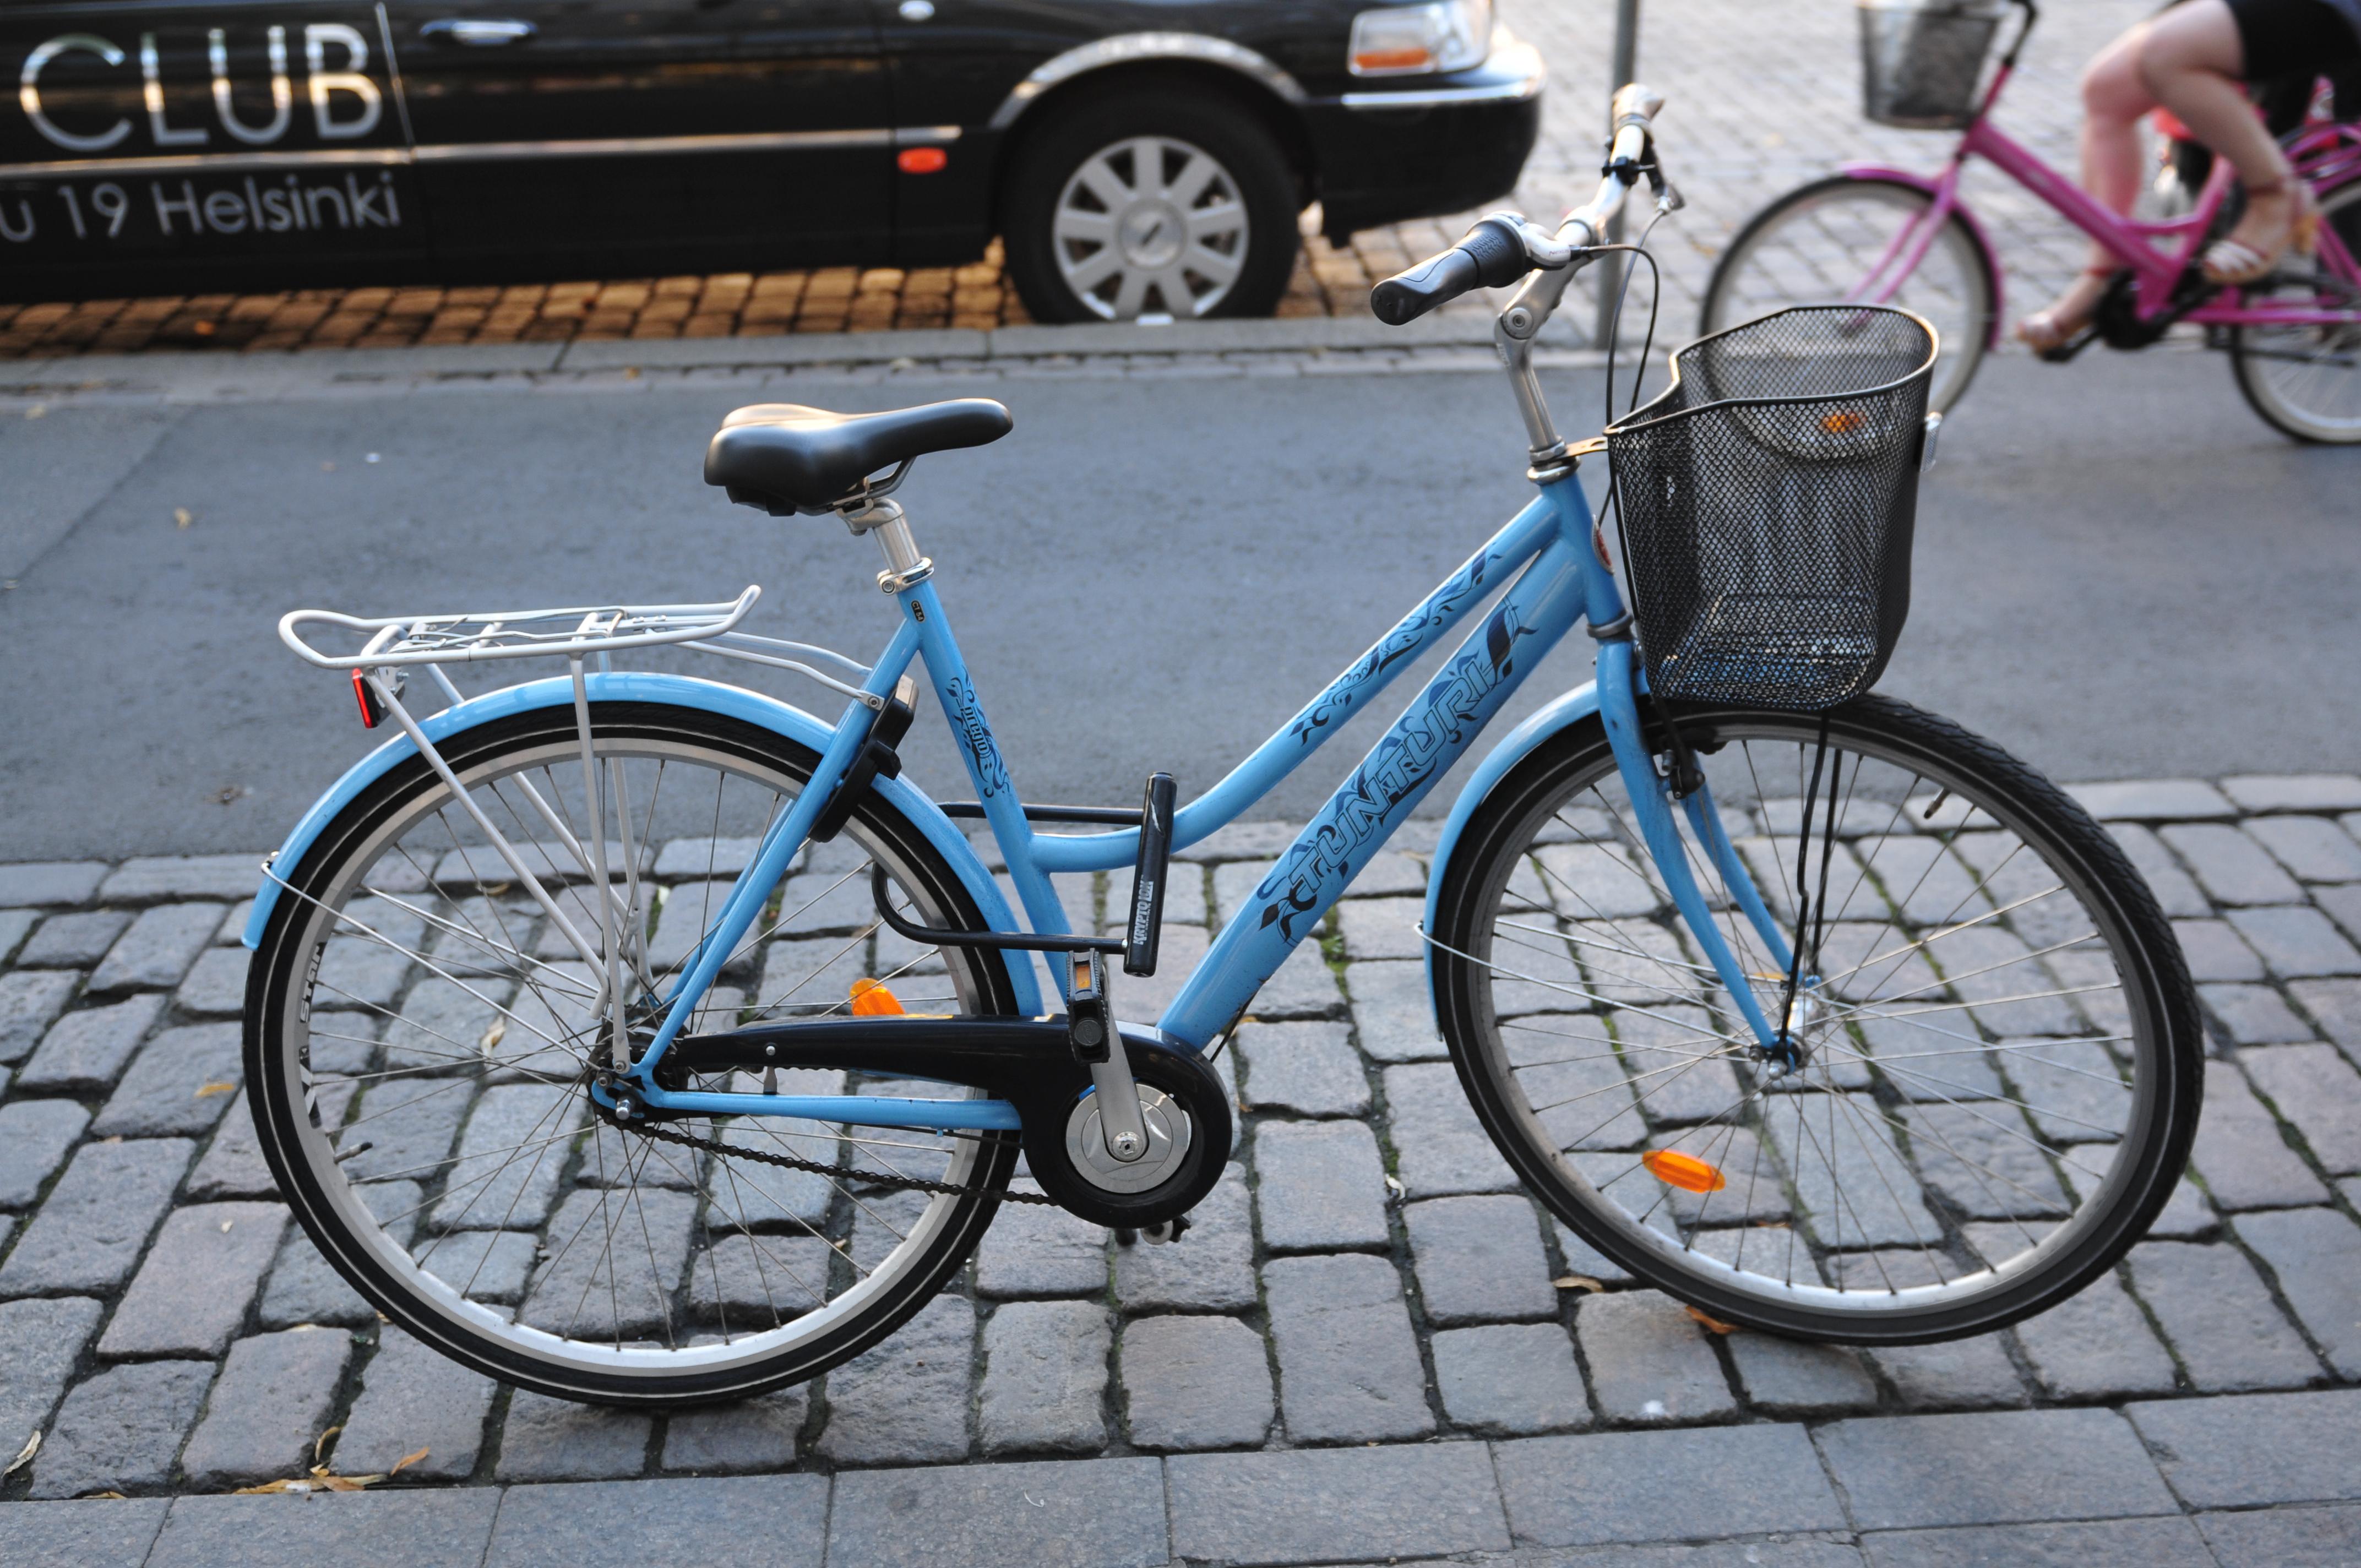 14-08-12-Helsinki-Fahrrad-Tunturi-RalfR-08.jpg